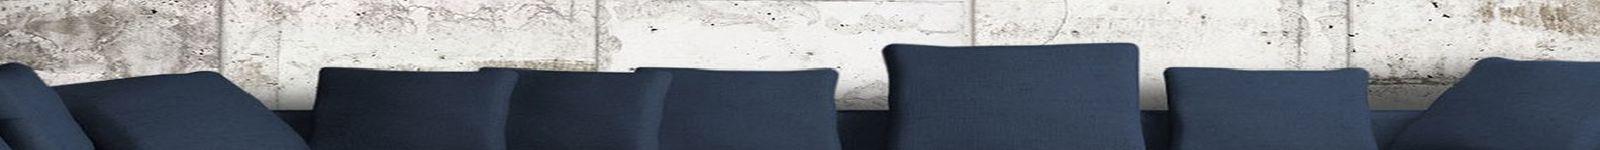 Cemento, hormigón y yeso